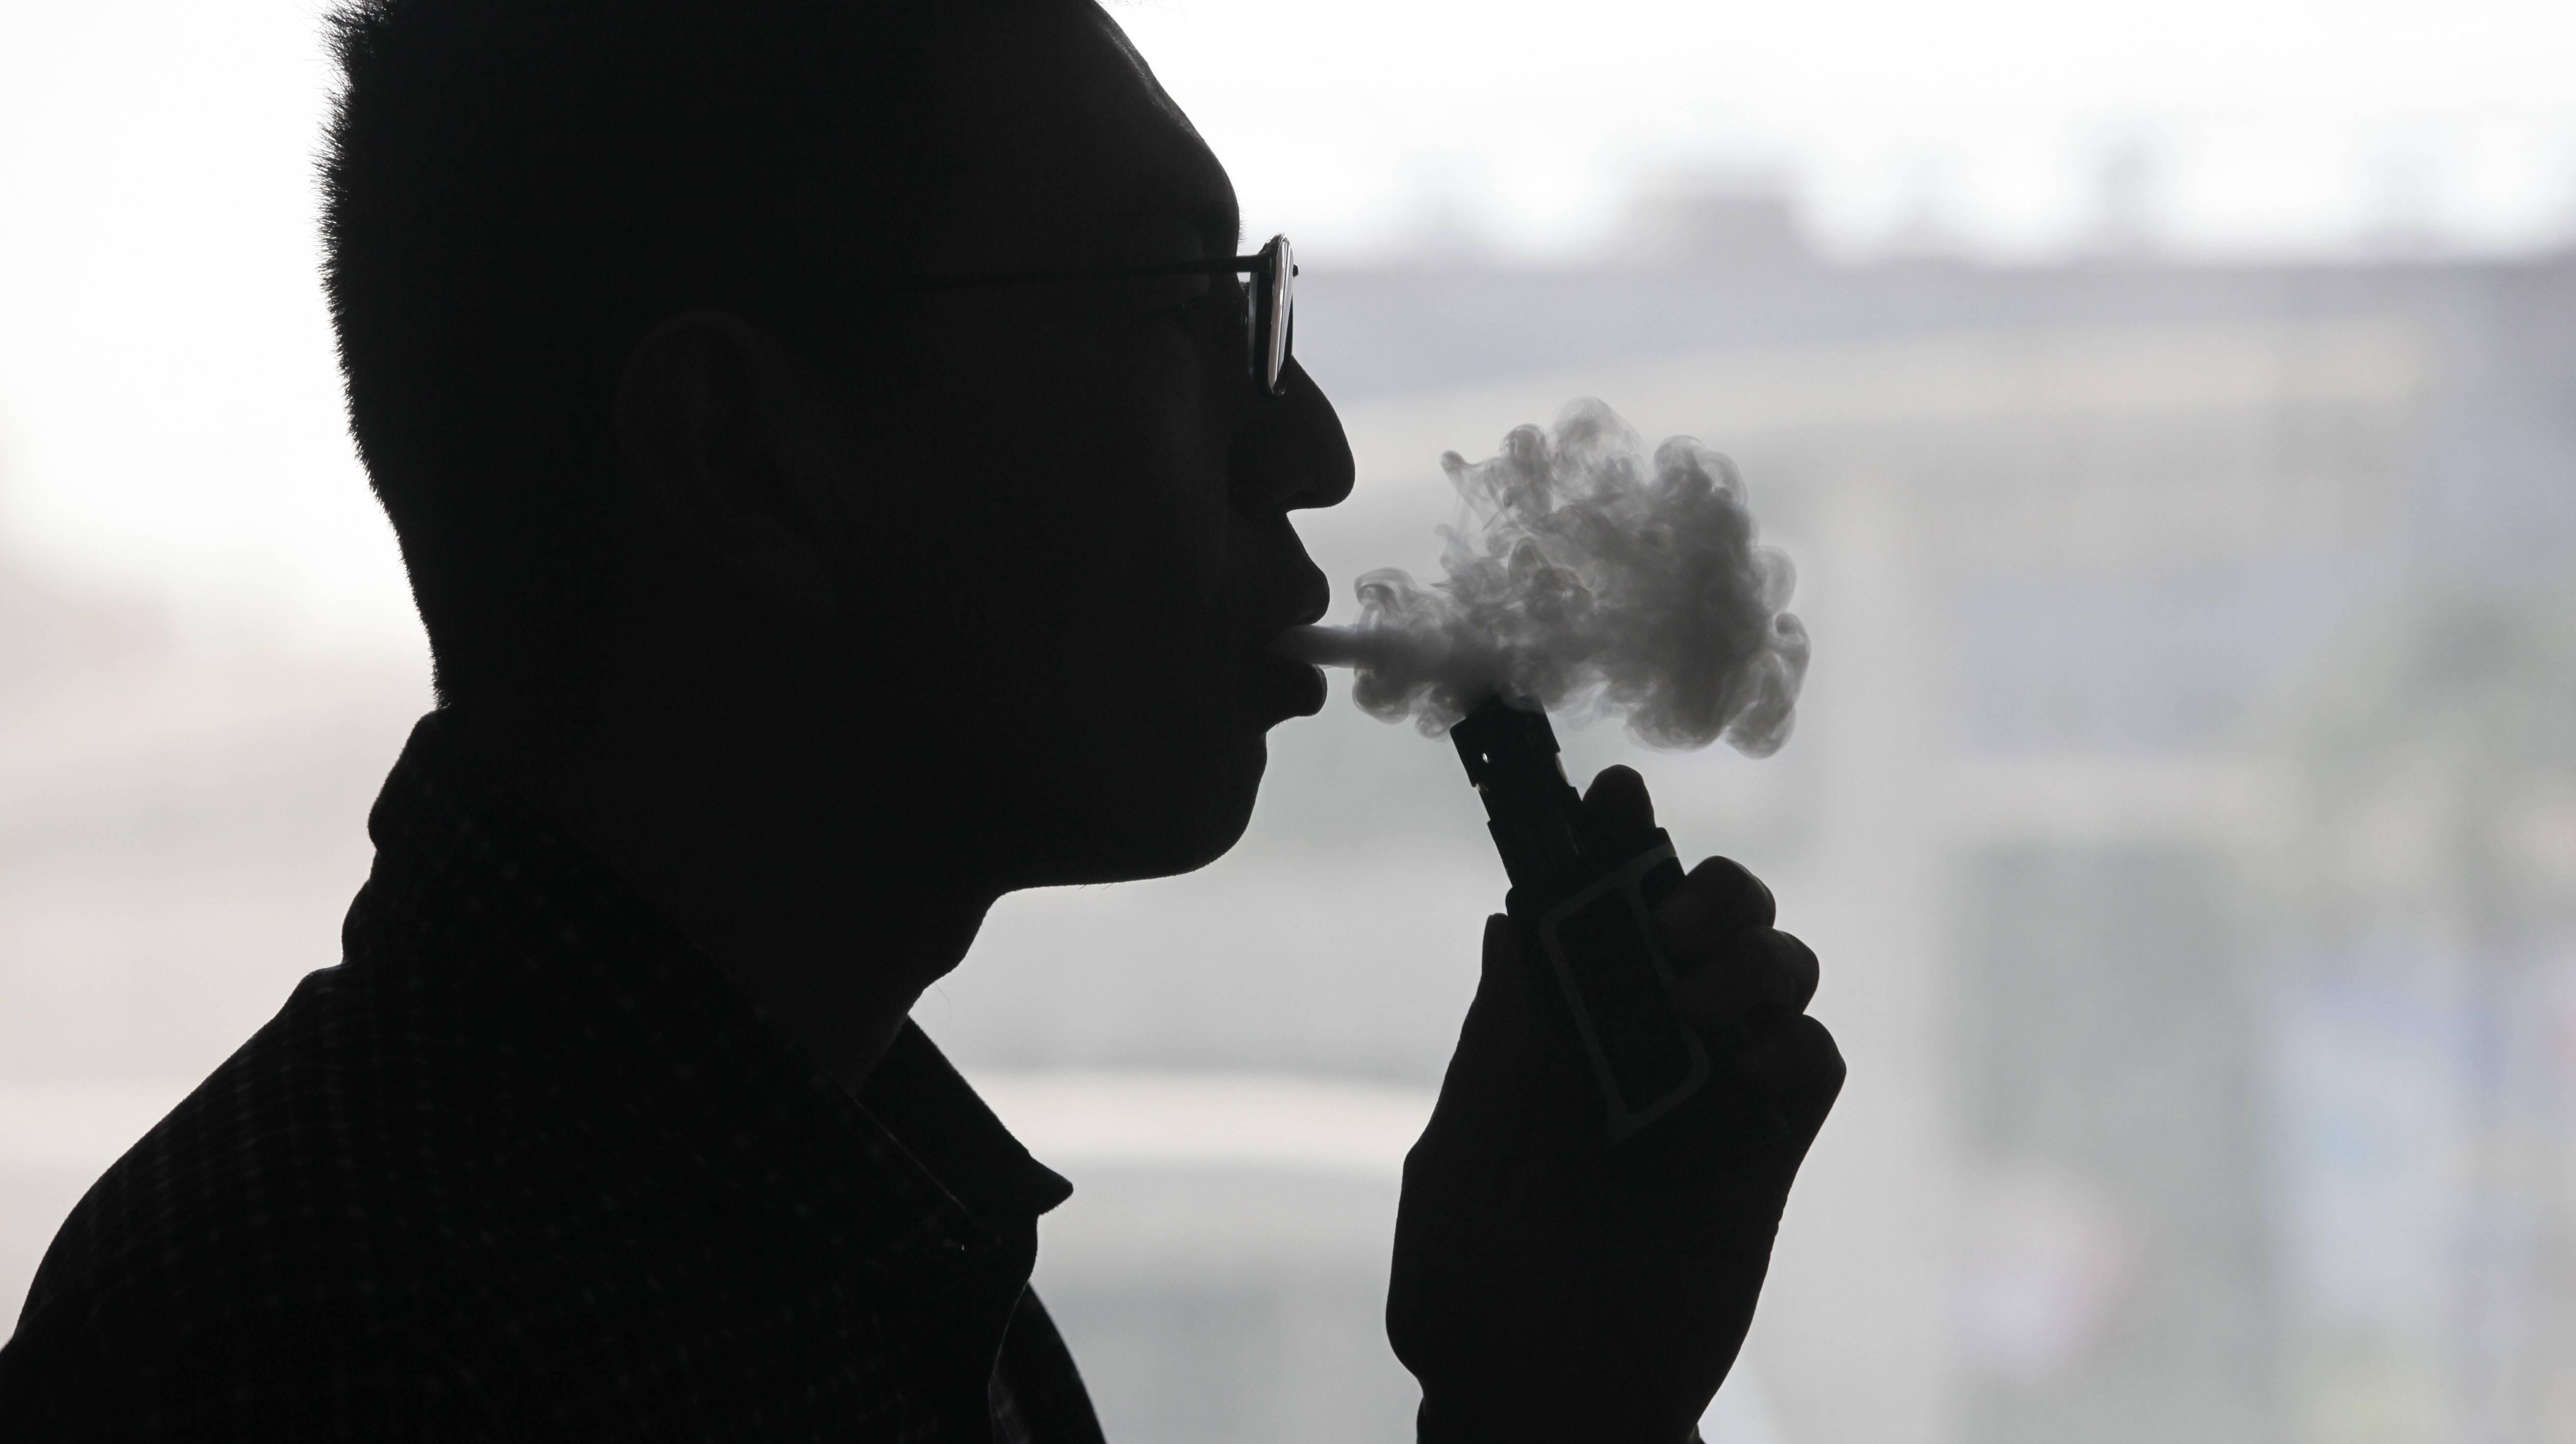 【虎嗅早报】小米或有意入局电子烟;斯坦福:录取赵雨思与捐50万美元无关,因作假退学